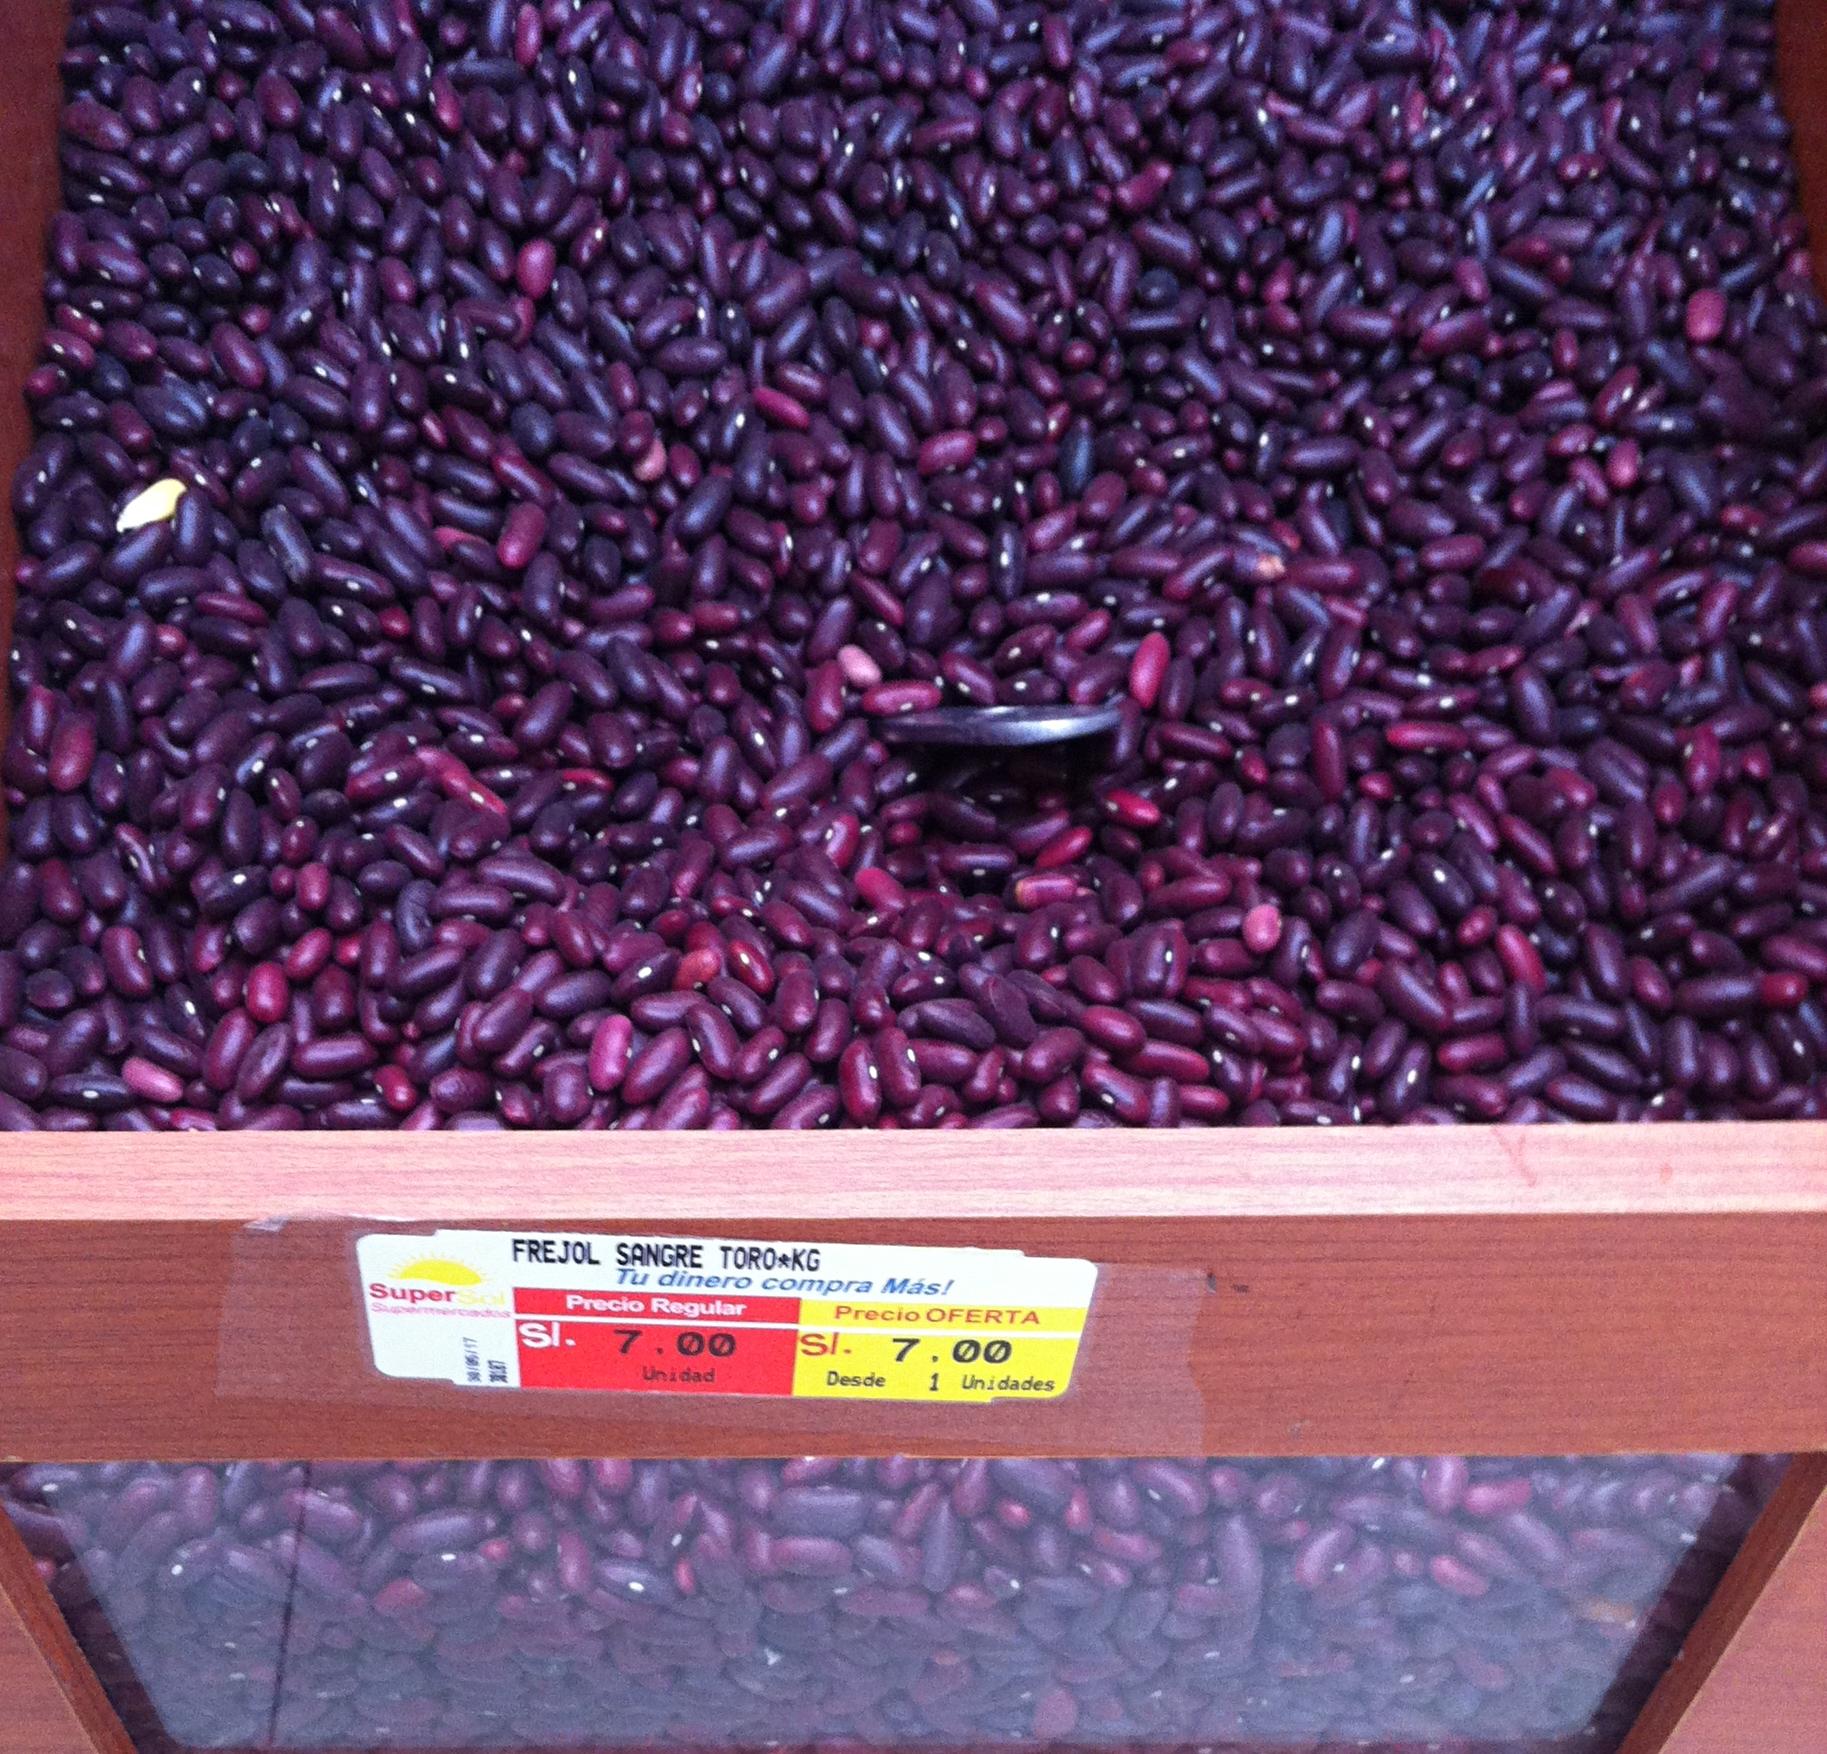 ペルー, アンデス, クスコ, 一般的, 乾物, 豆, 種類, 値段